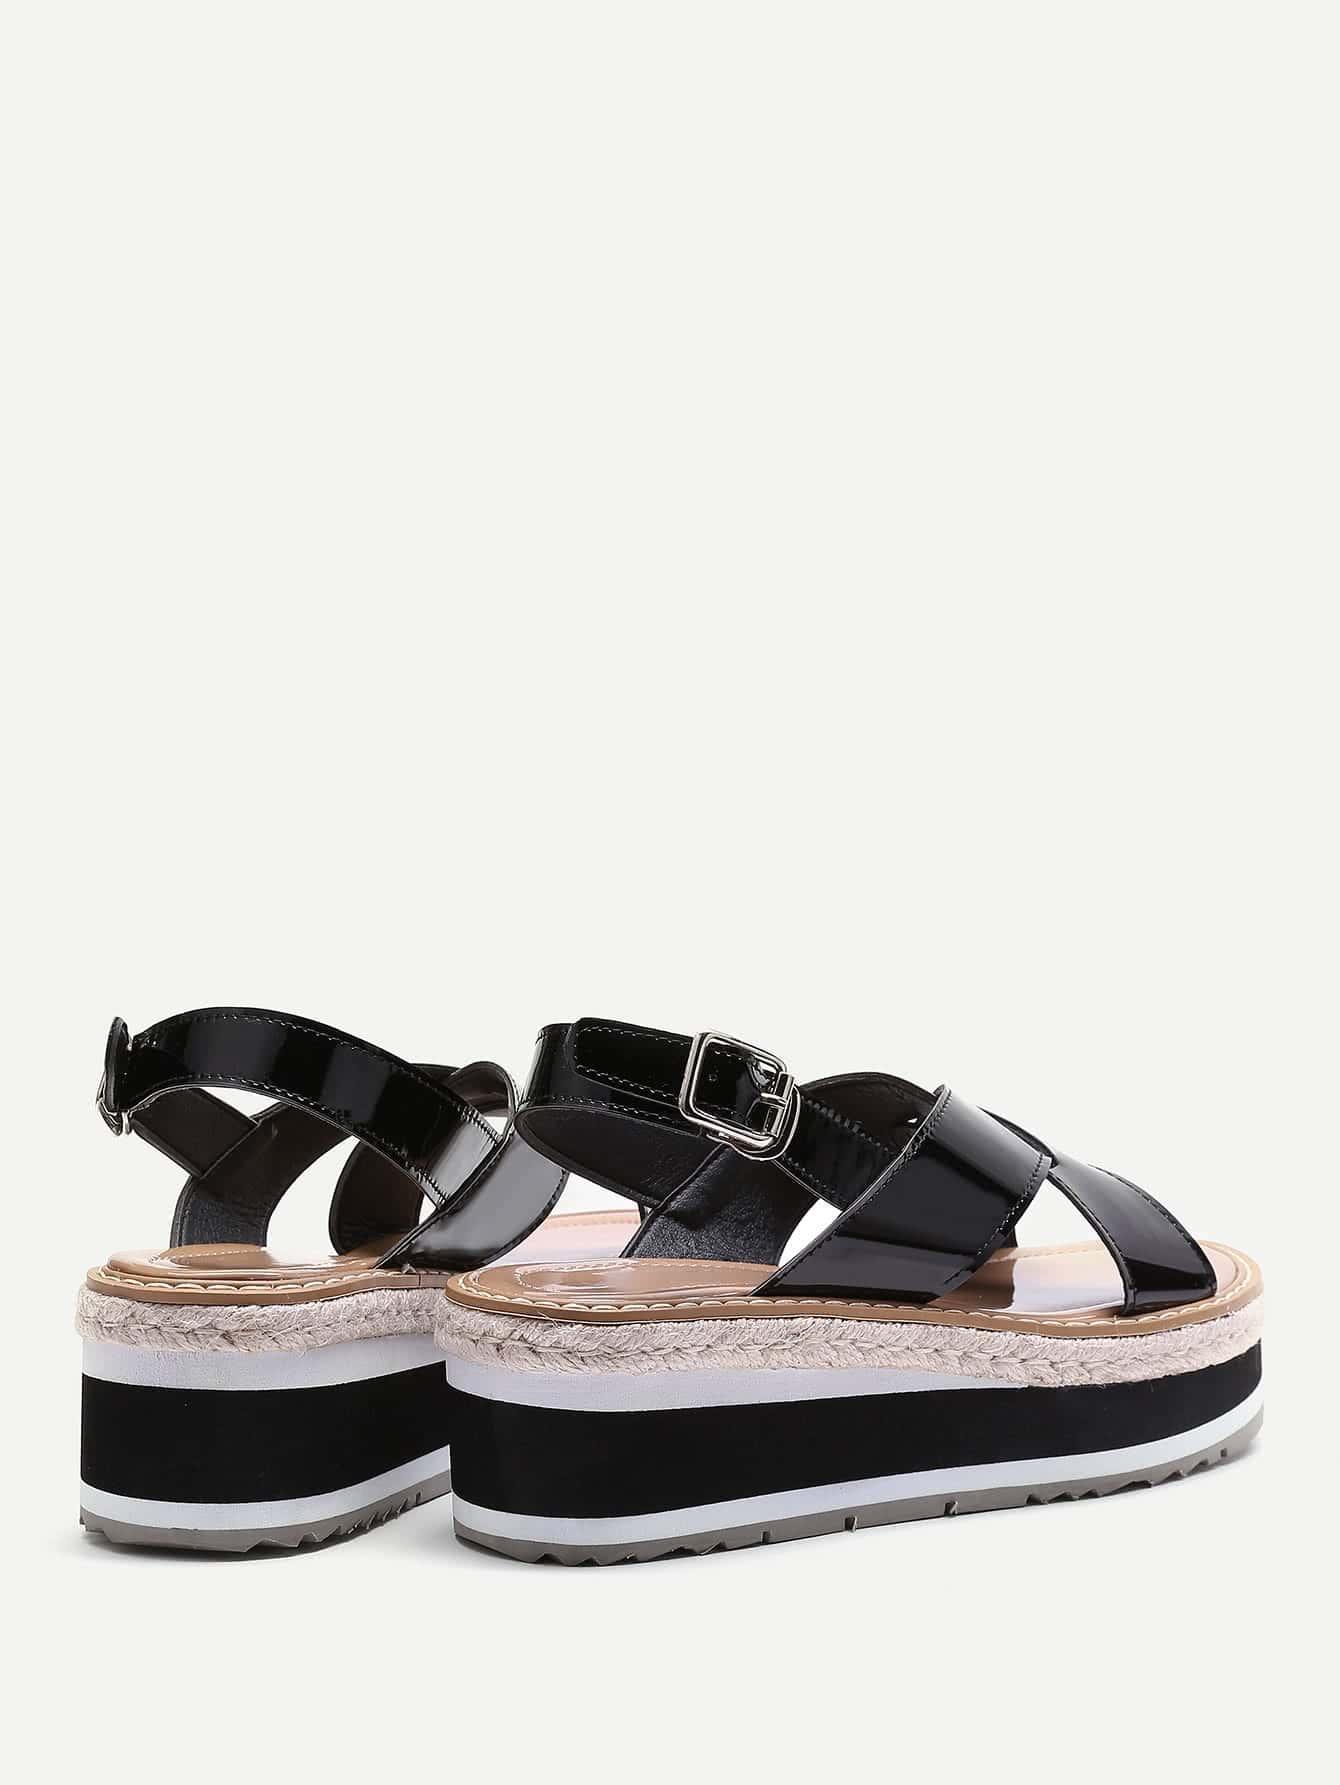 shoes170517805_2